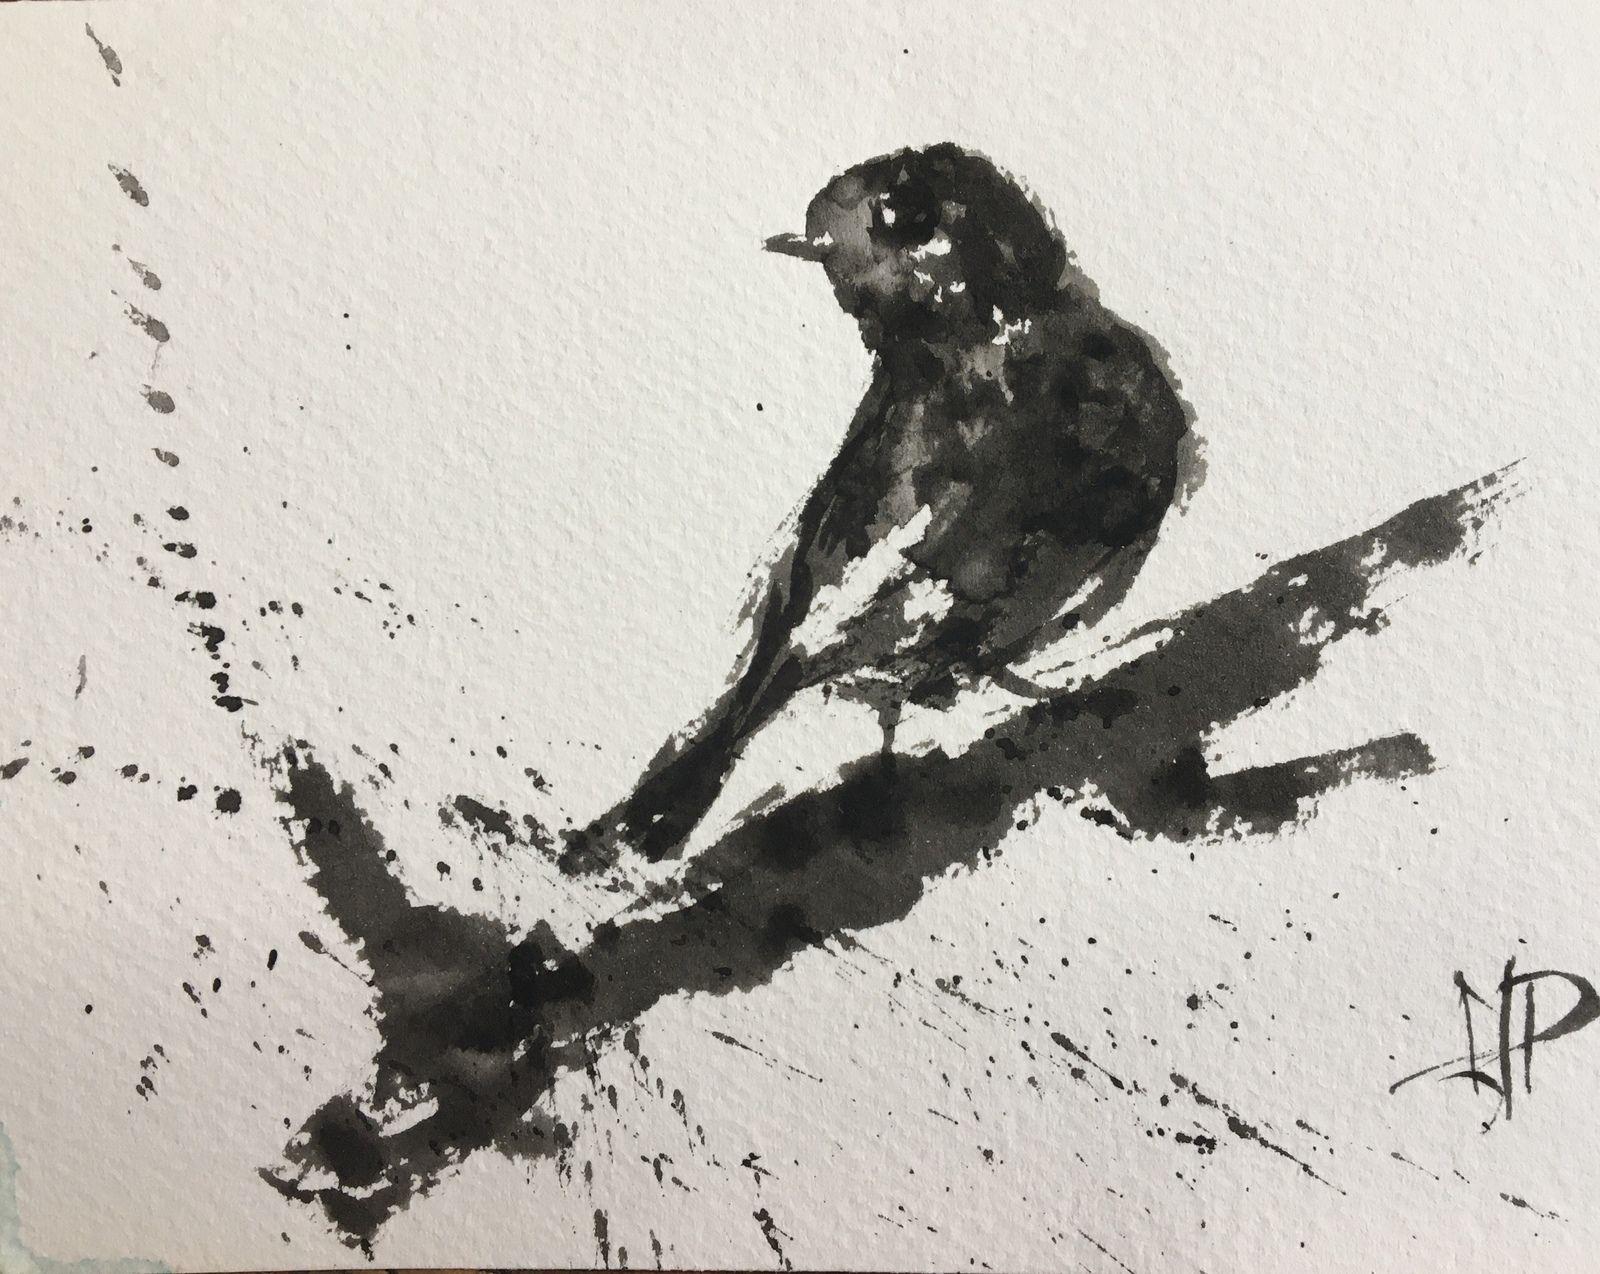 Oiseaux (Sumi-e)